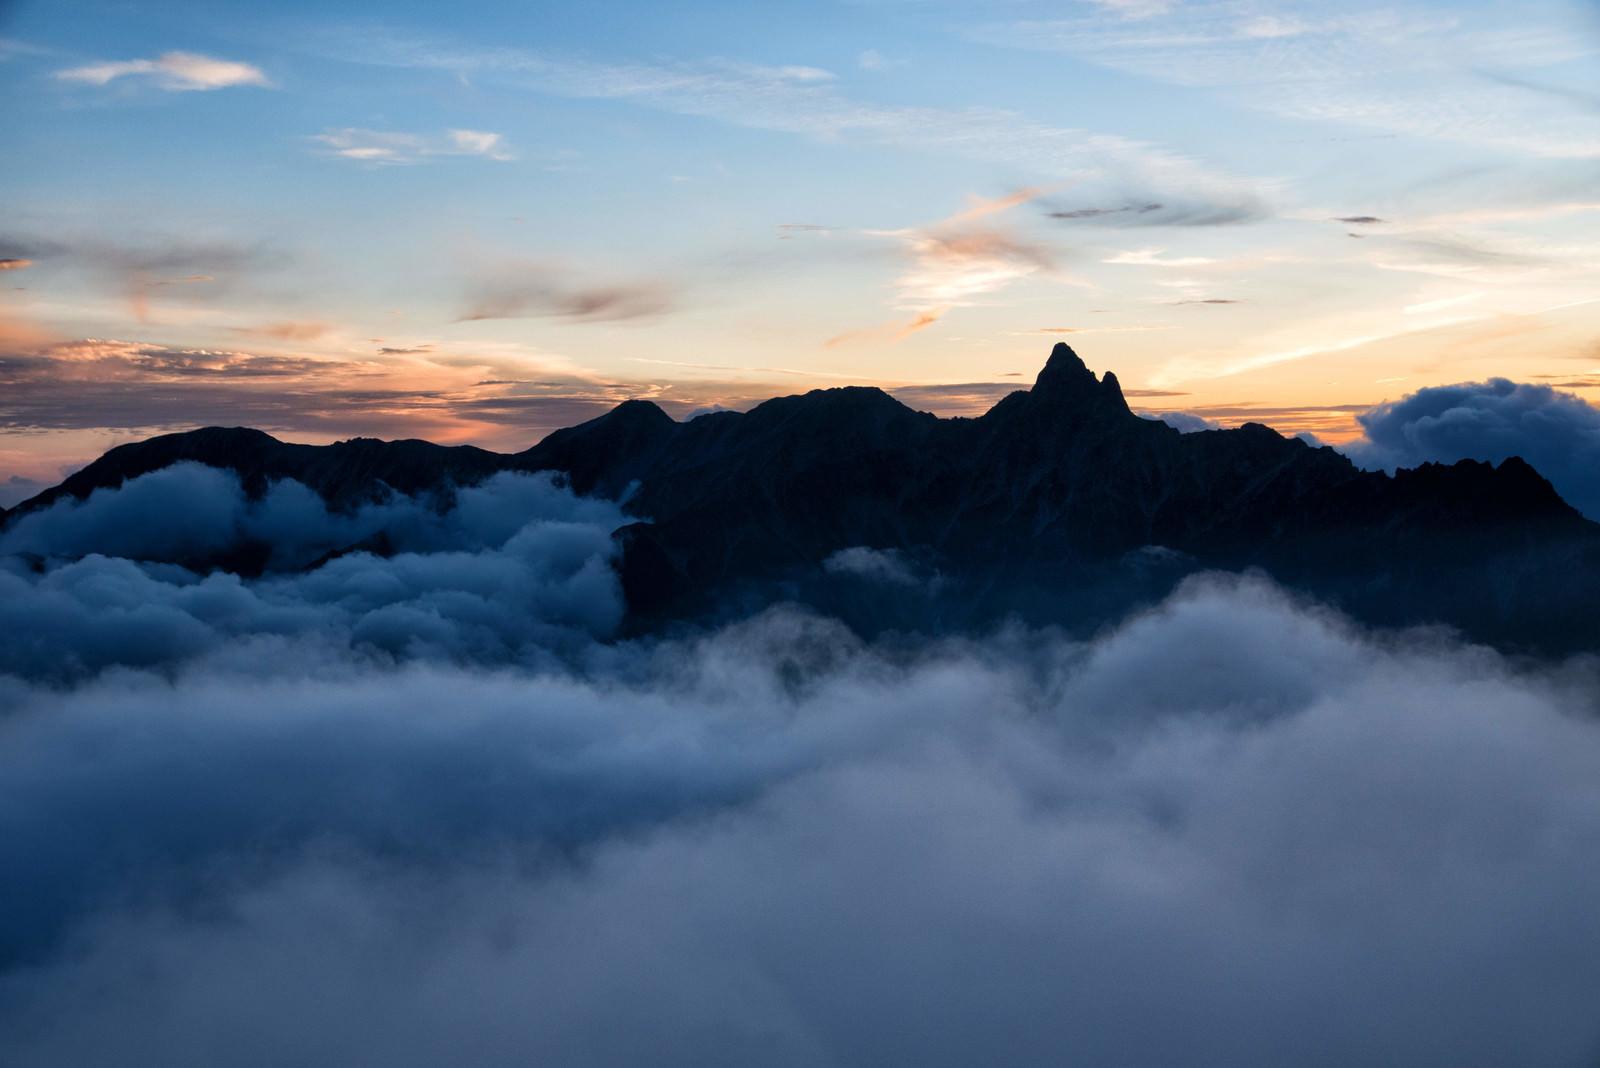 「雲海に浮かぶ槍ヶ岳(八ヶ岳南部)」の写真